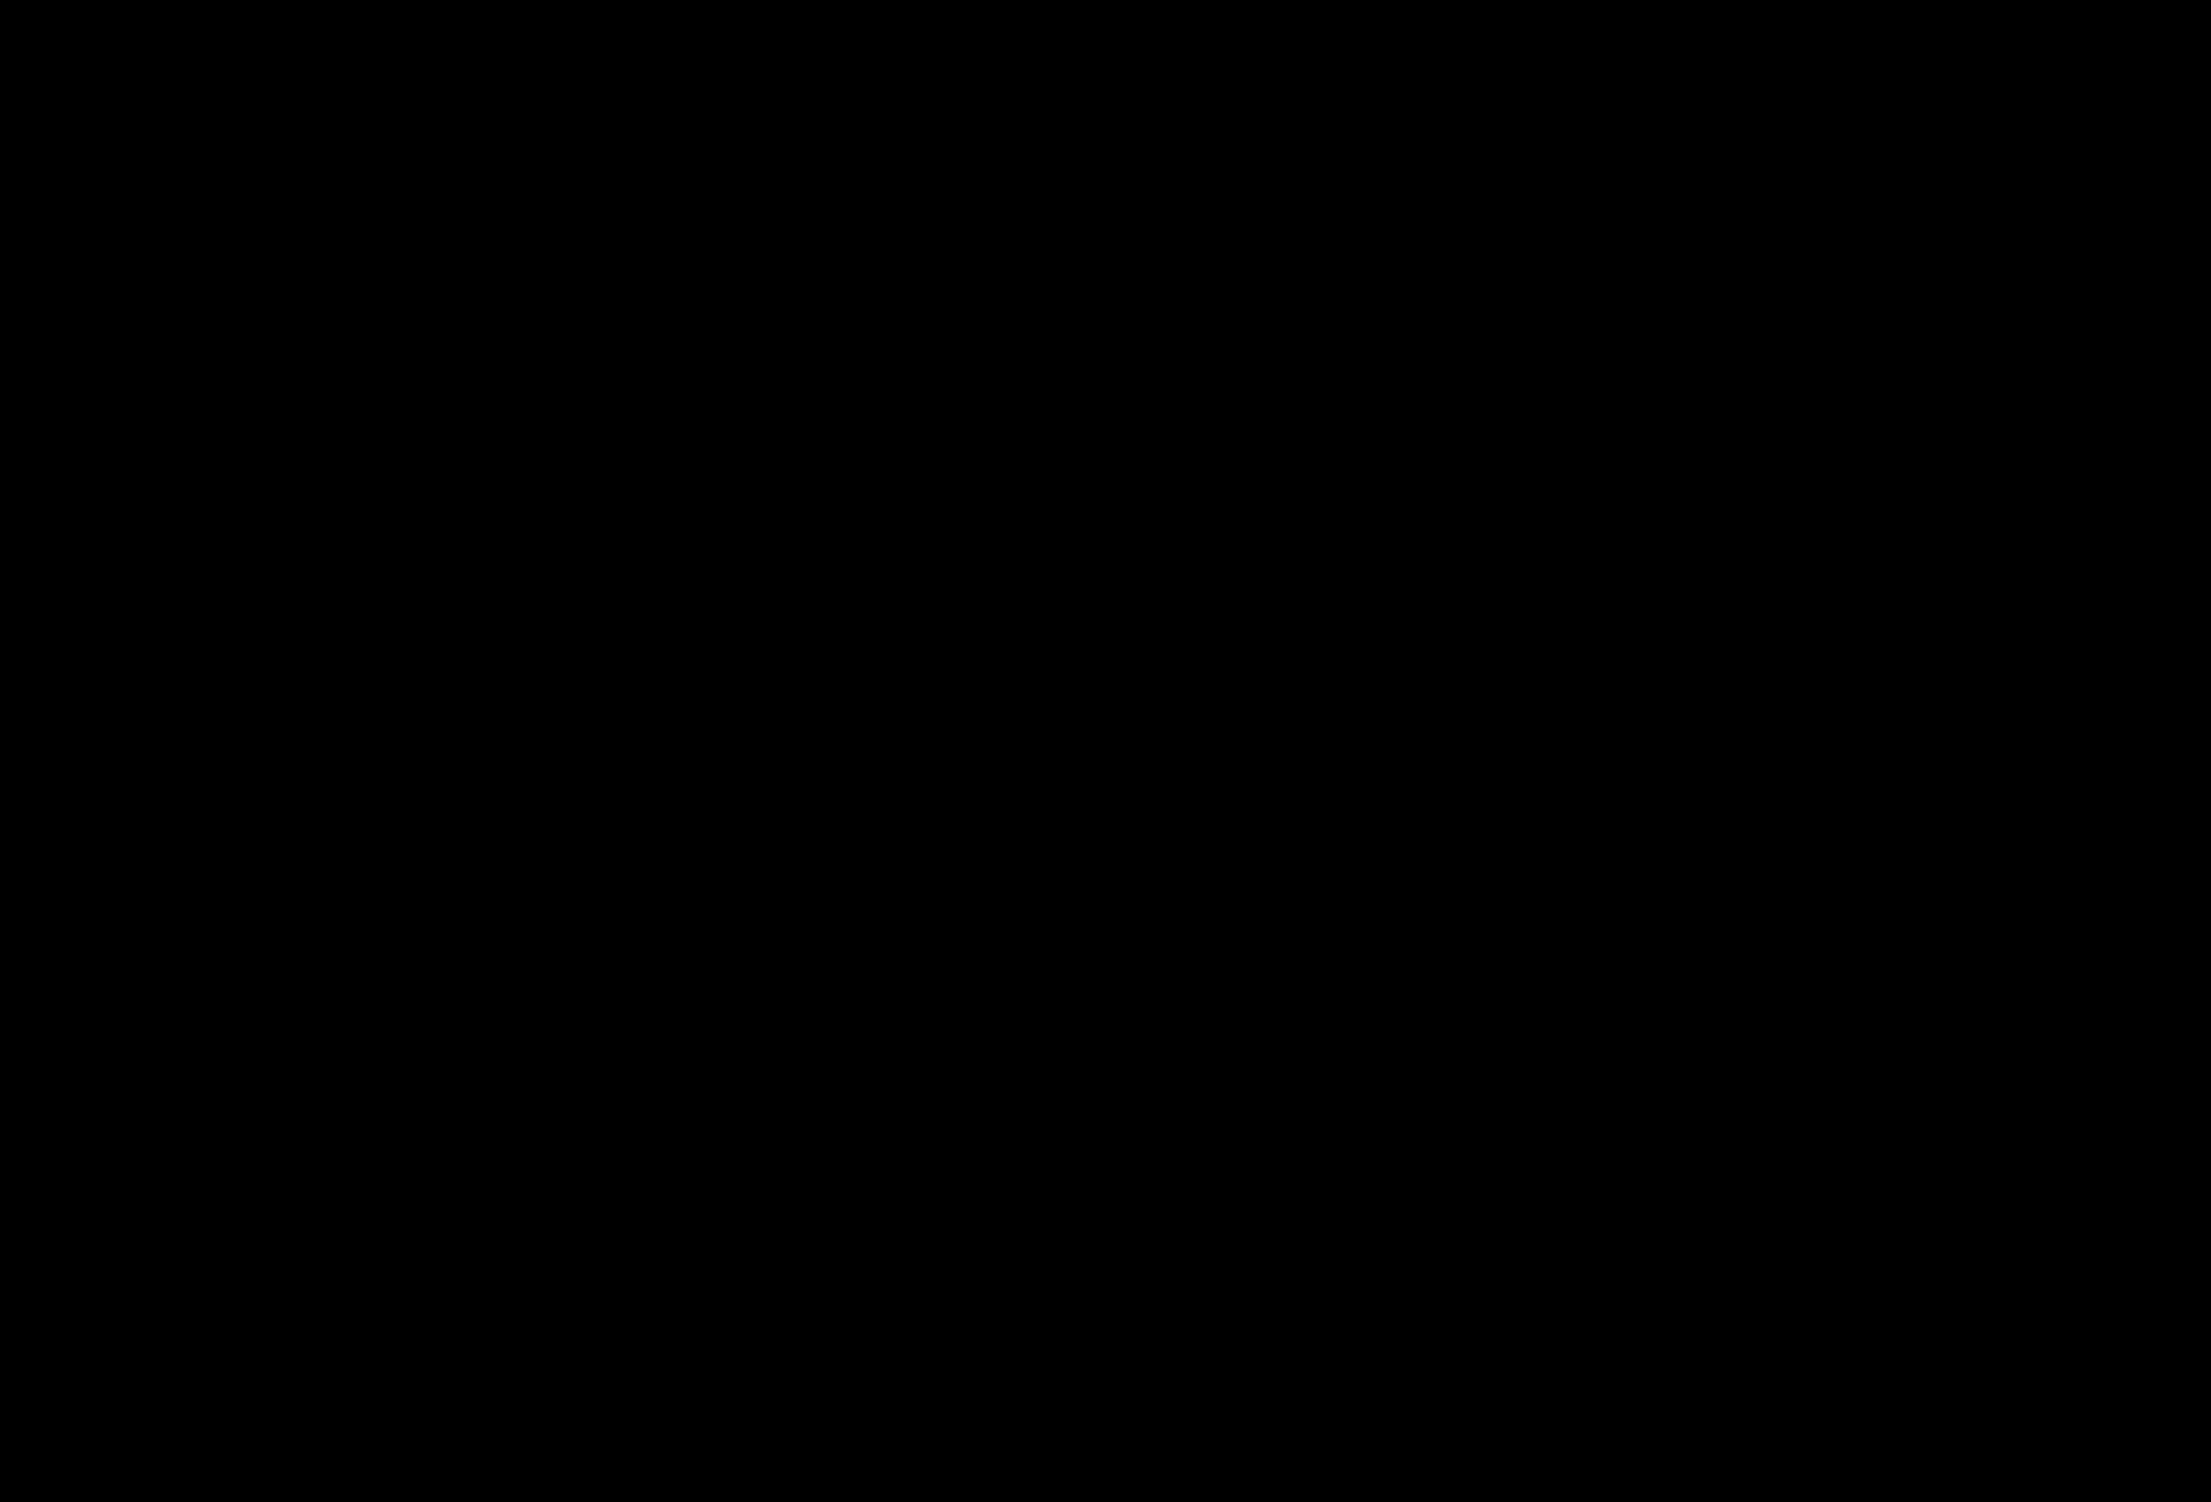 Étiquette rectangulaire 76 x 51 mm